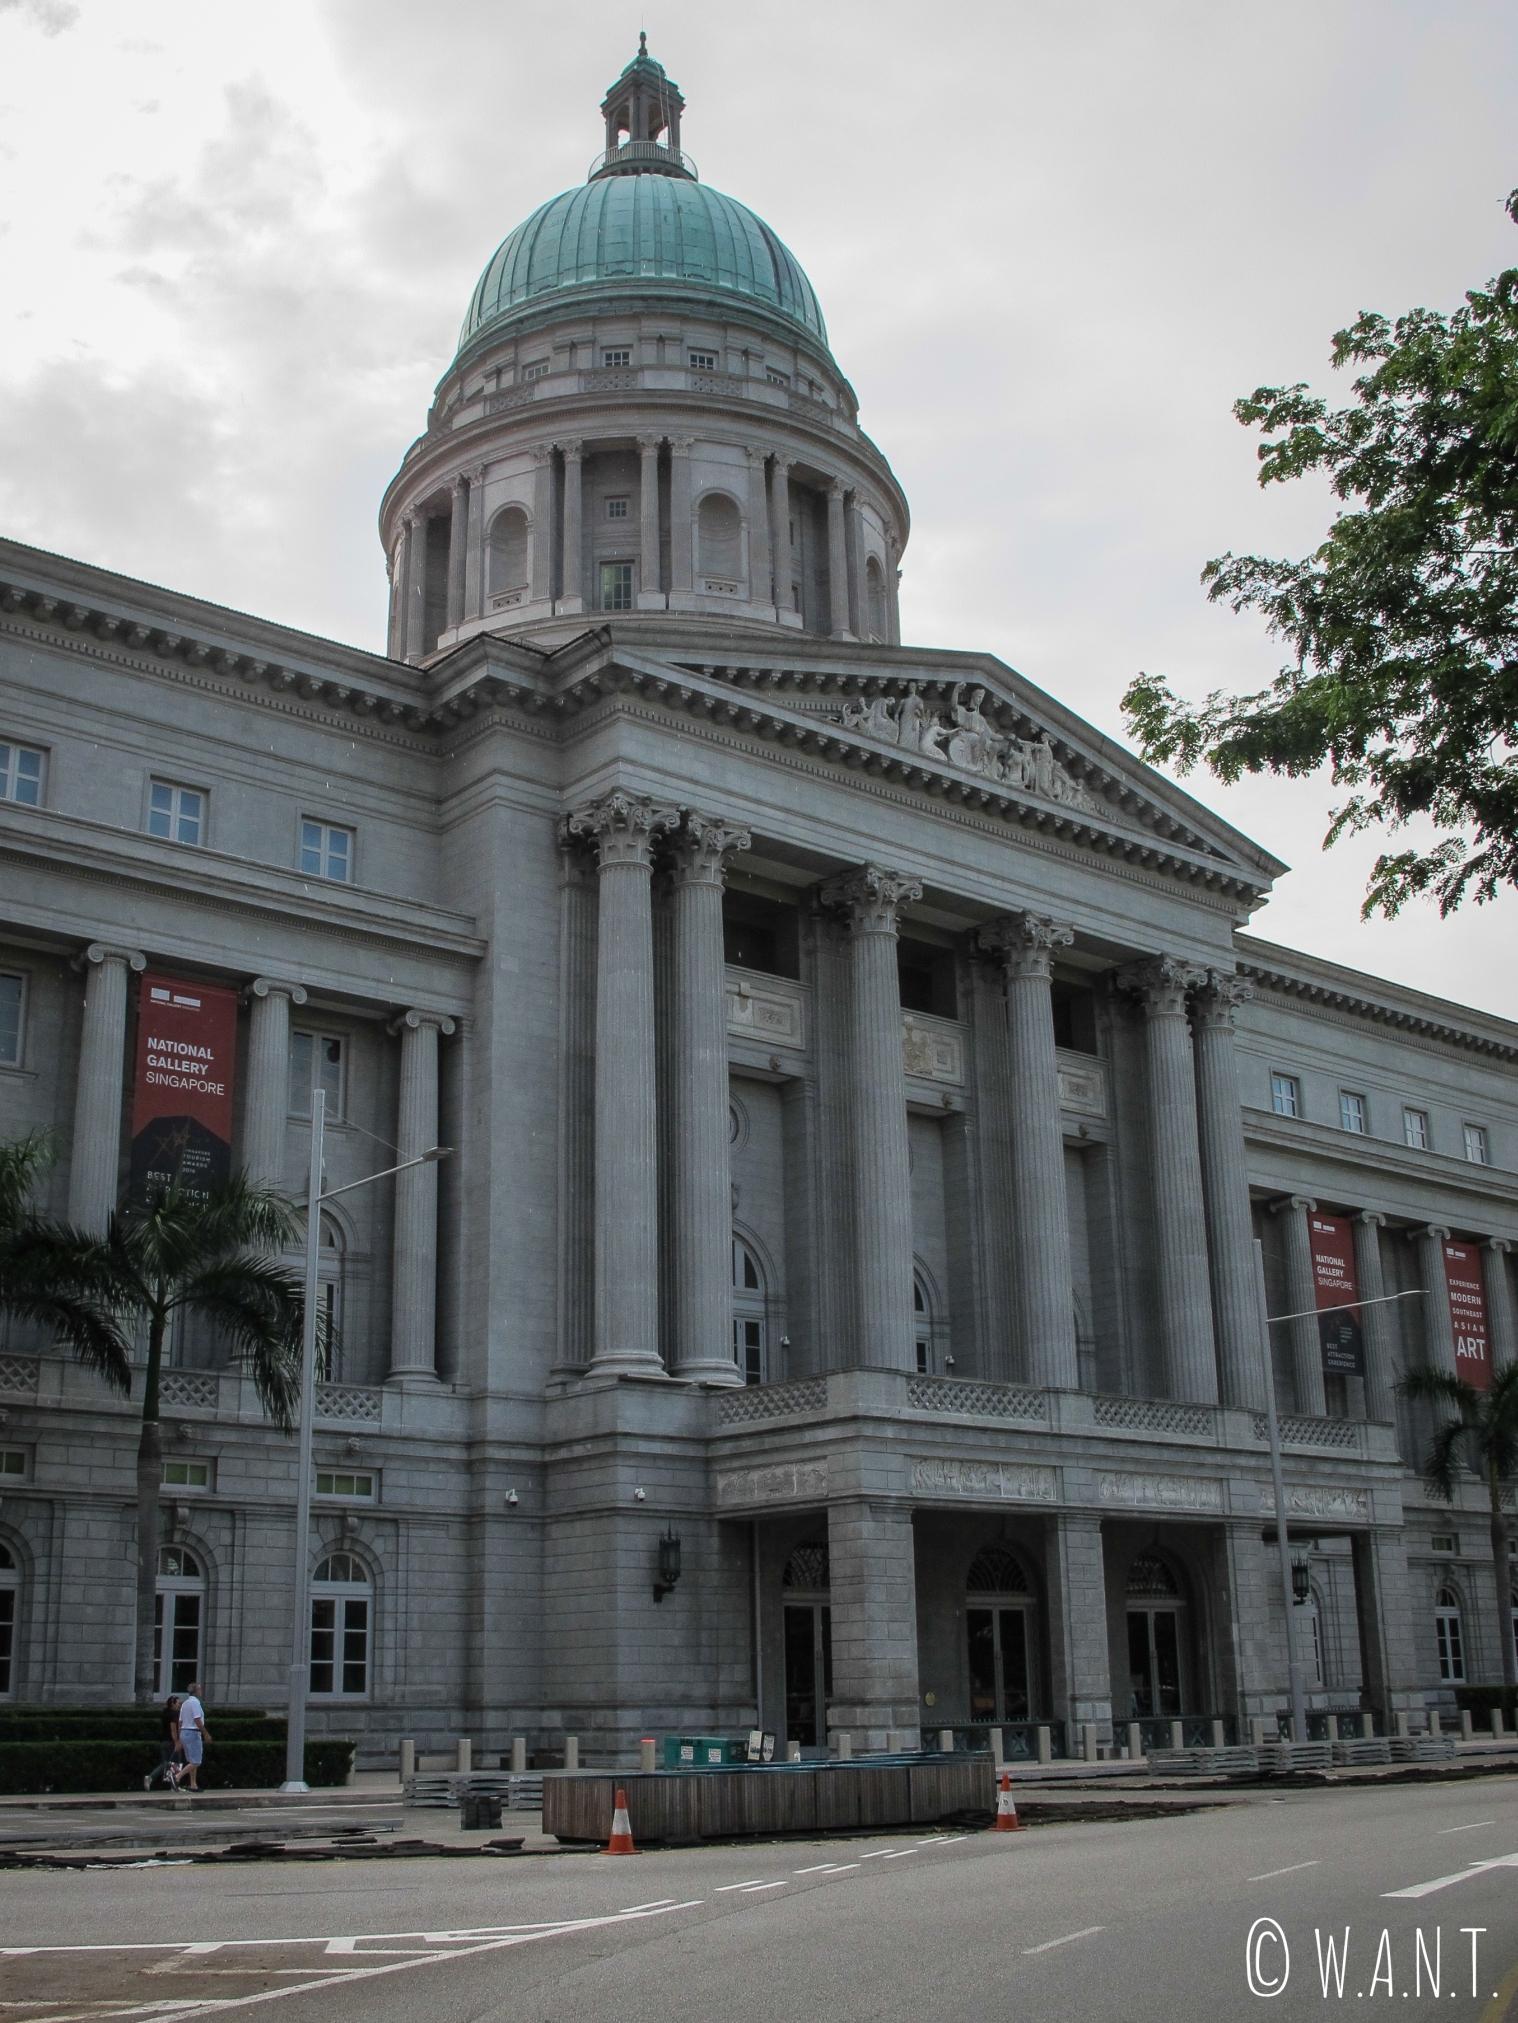 Façade du musée National Gallery de Singapour